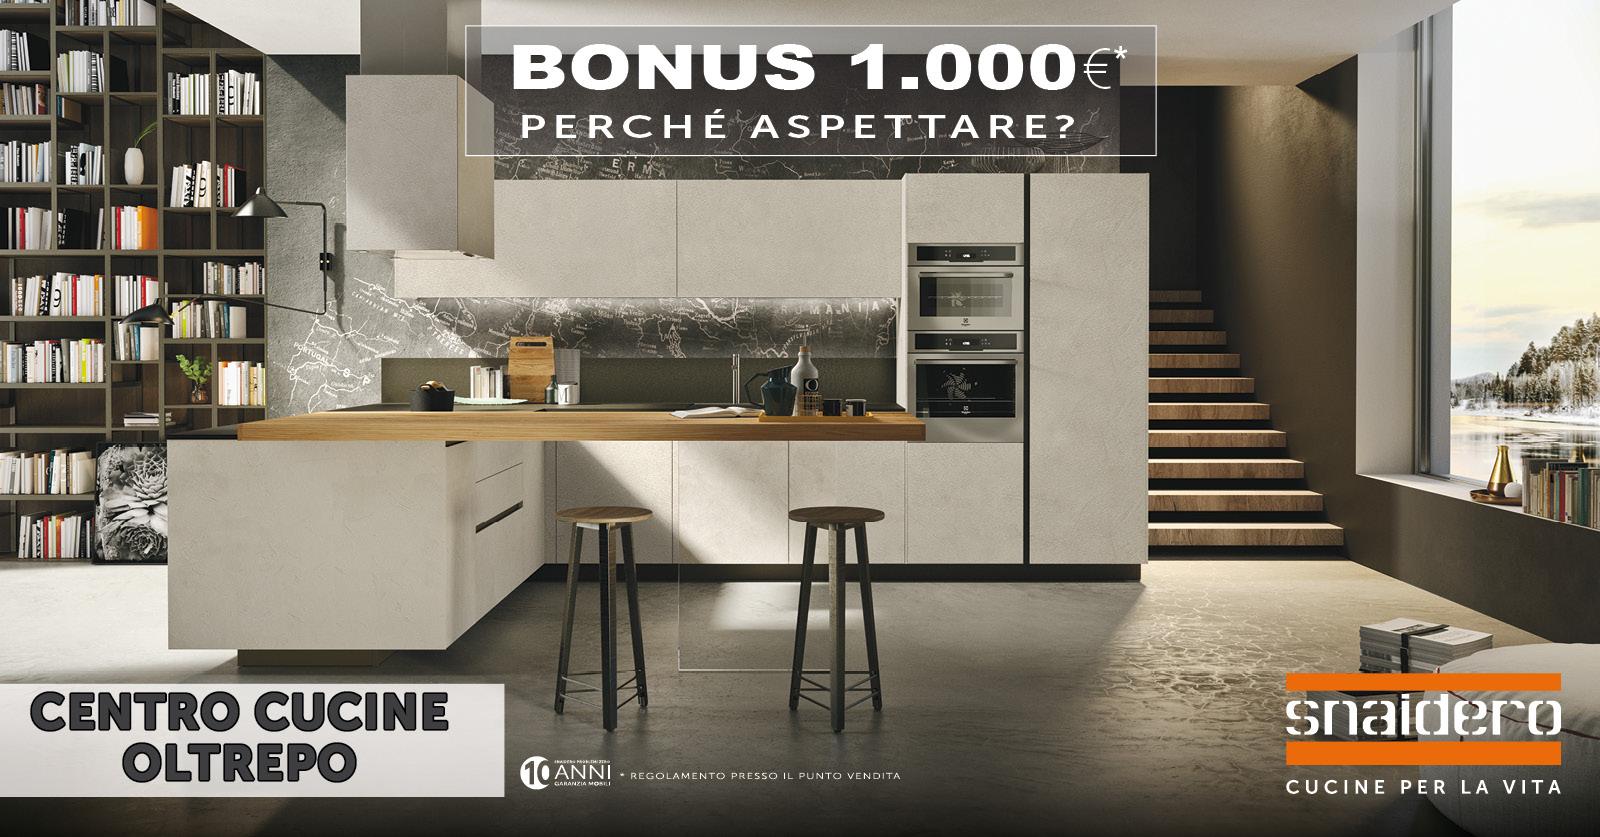 Promozioni cucine e arredamento centro cucine - Cucine 1000 euro ...